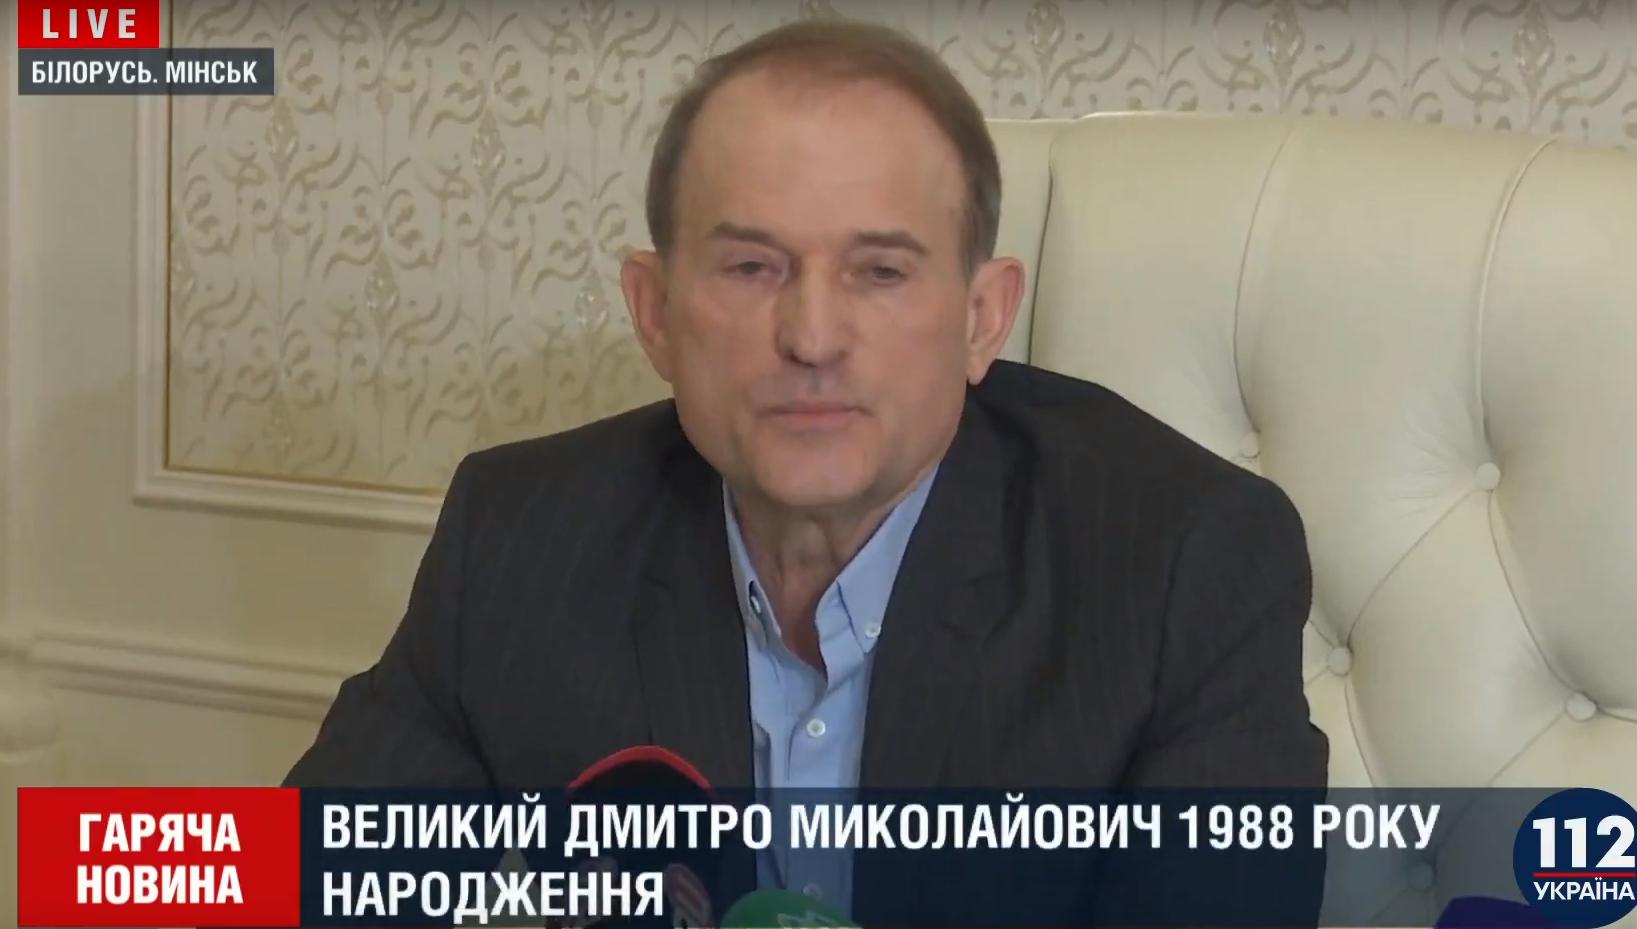 Канал 112 заявил, что Медведчук договорился освободить пленных